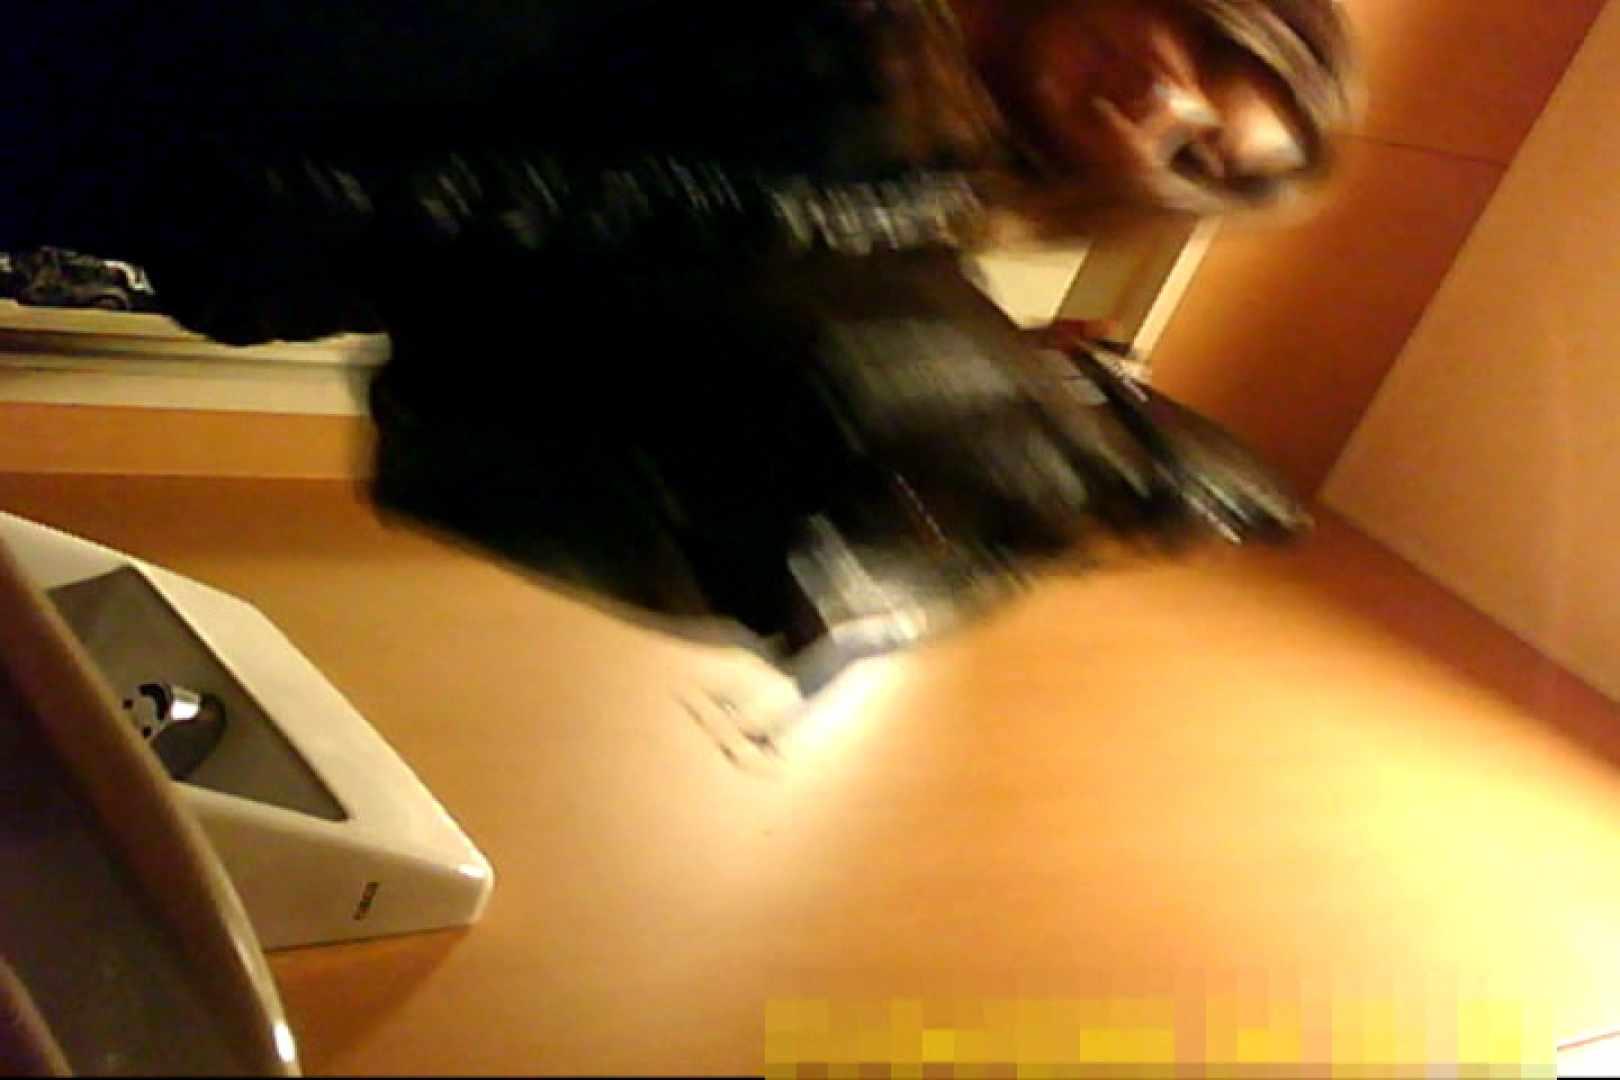 魅惑の化粧室~禁断のプライベート空間~33 プライベート 盗み撮り動画キャプチャ 12pic 11